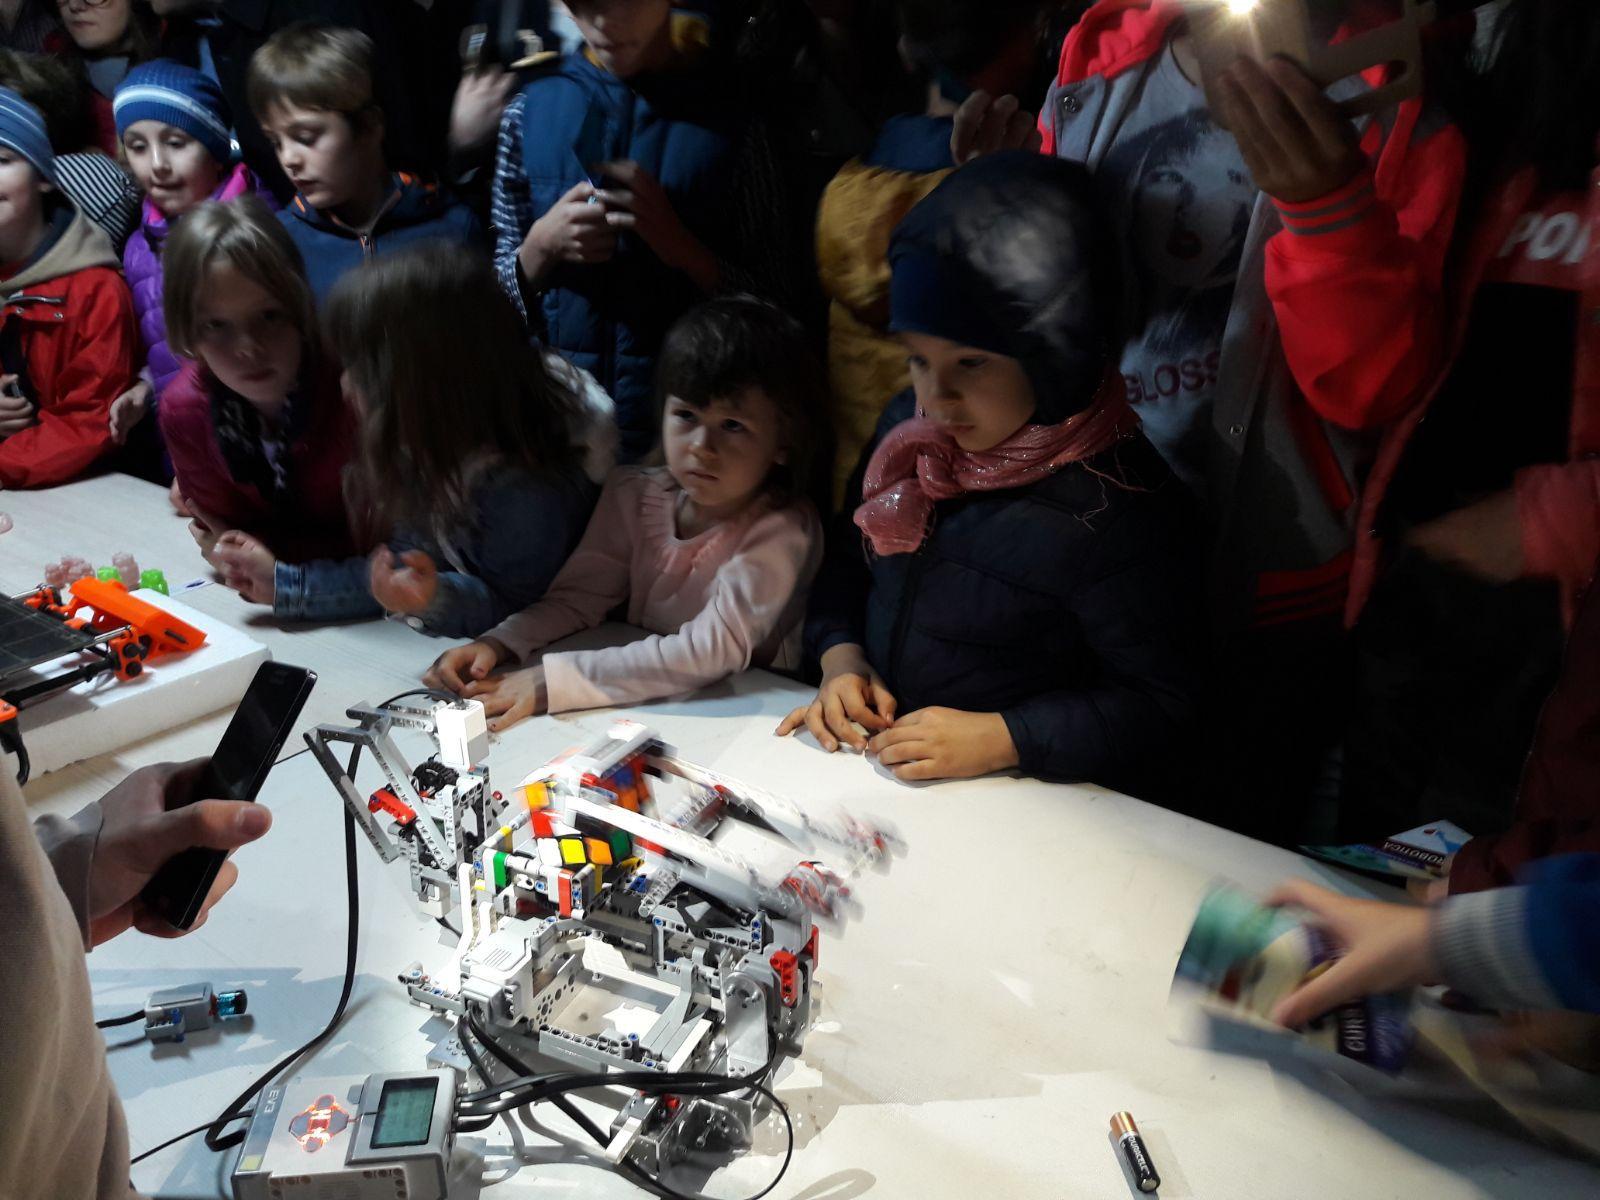 FOTO | Mii de copii au împletit jocul cu ştiinţa şi au fost cercetători pentru câteva ore, la Noaptea Ştiinţei